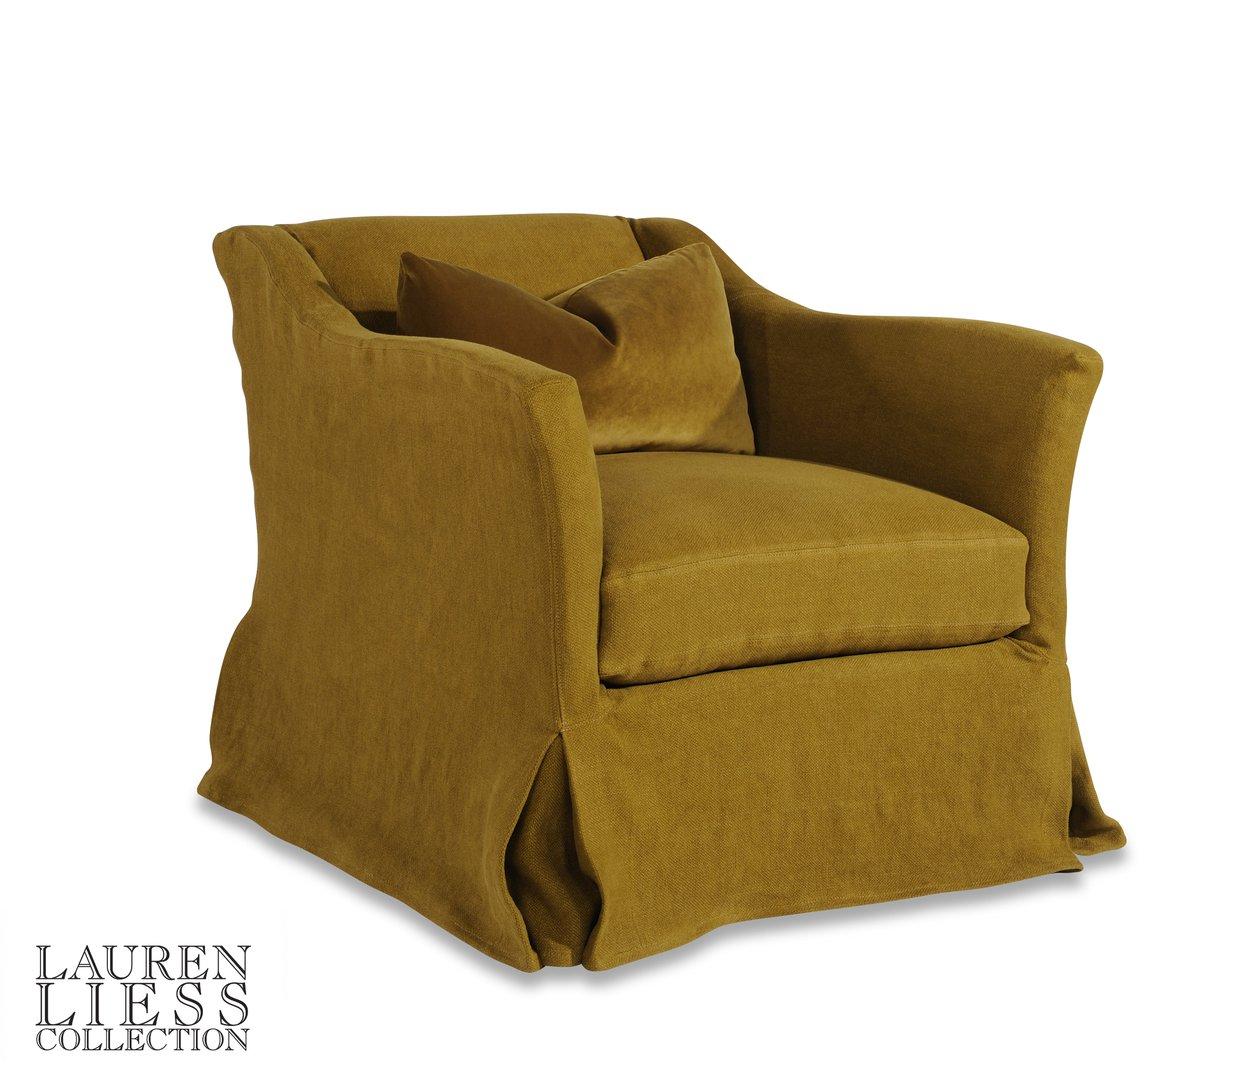 Evolution Slipcovered chair